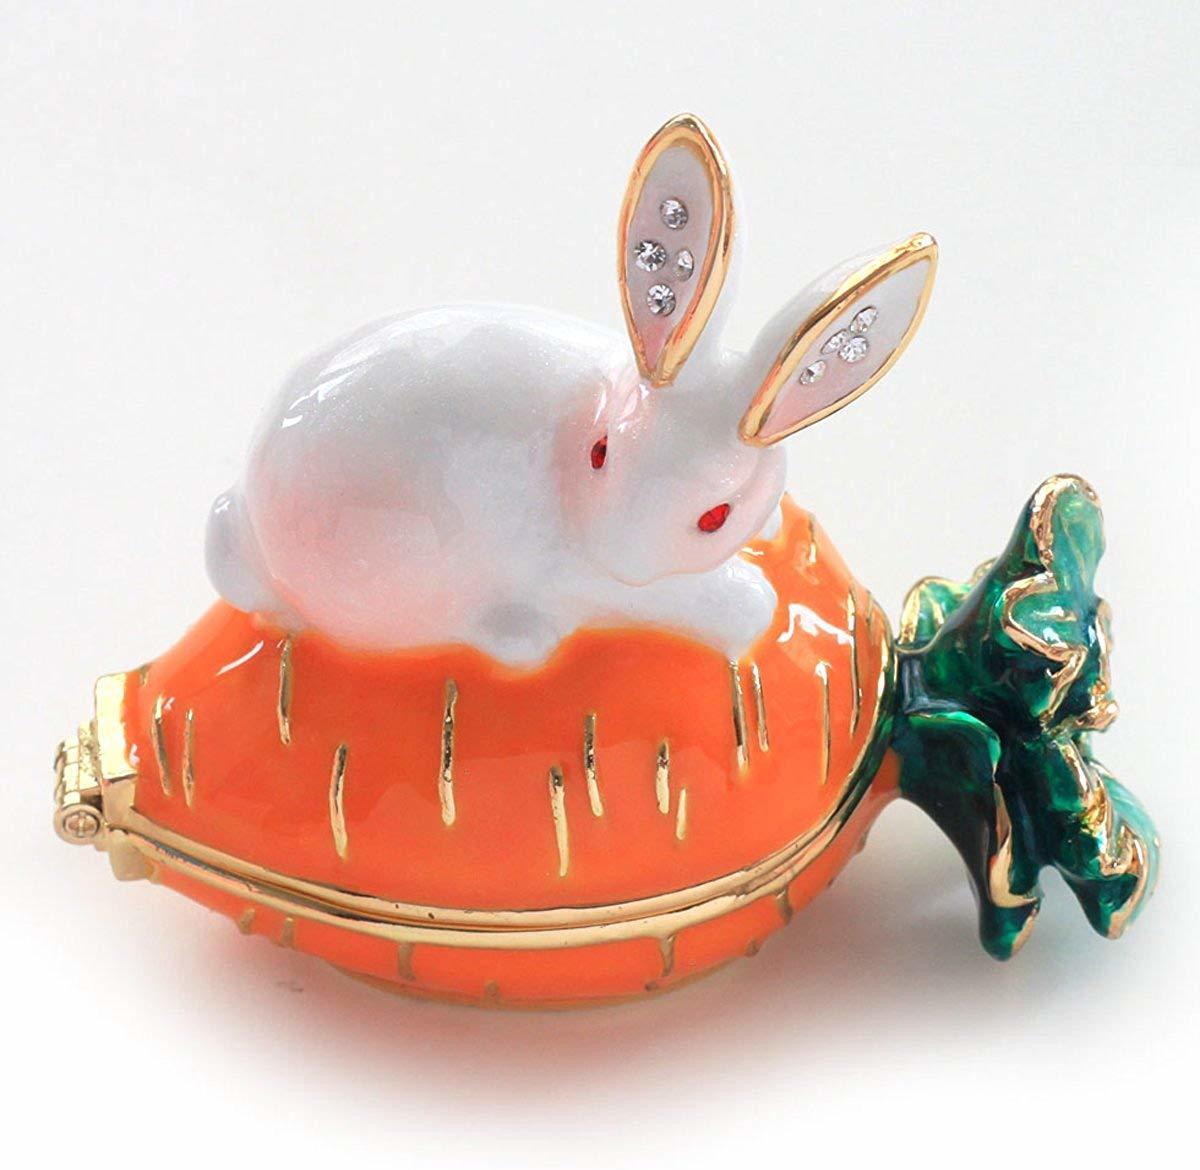 ウサギとキャロット ジュエリーボックス アクセサリーケース  リングケース 小物入れ うさぎ にんじん ウサギ ラビット_画像2